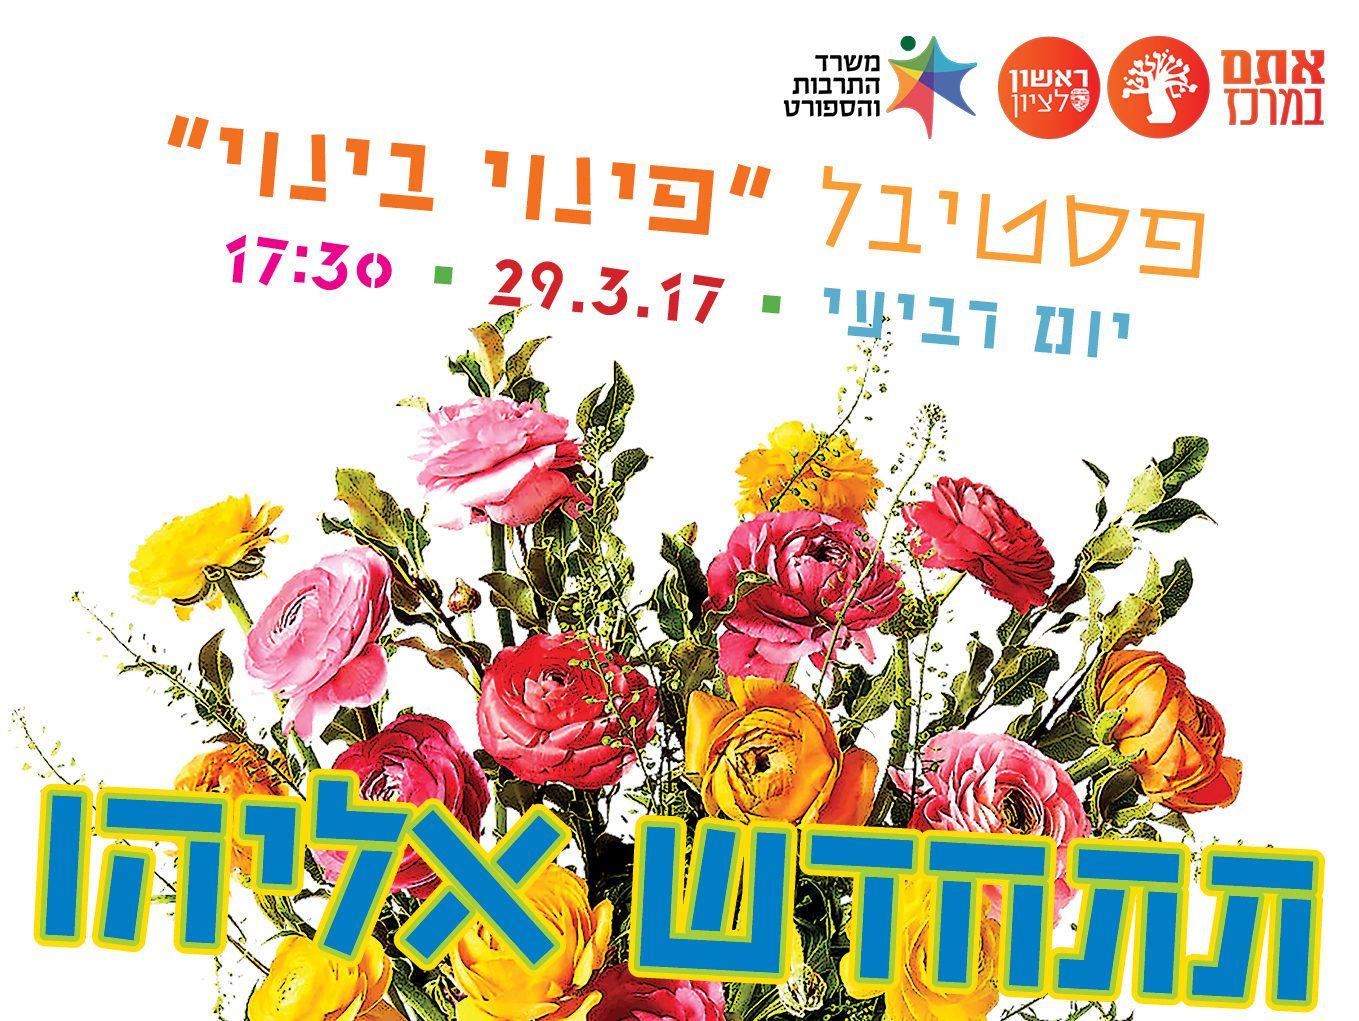 Фестиваль «Пинуй-Бинуй» в формате Гайд-Парка и в сути социального эксперимента